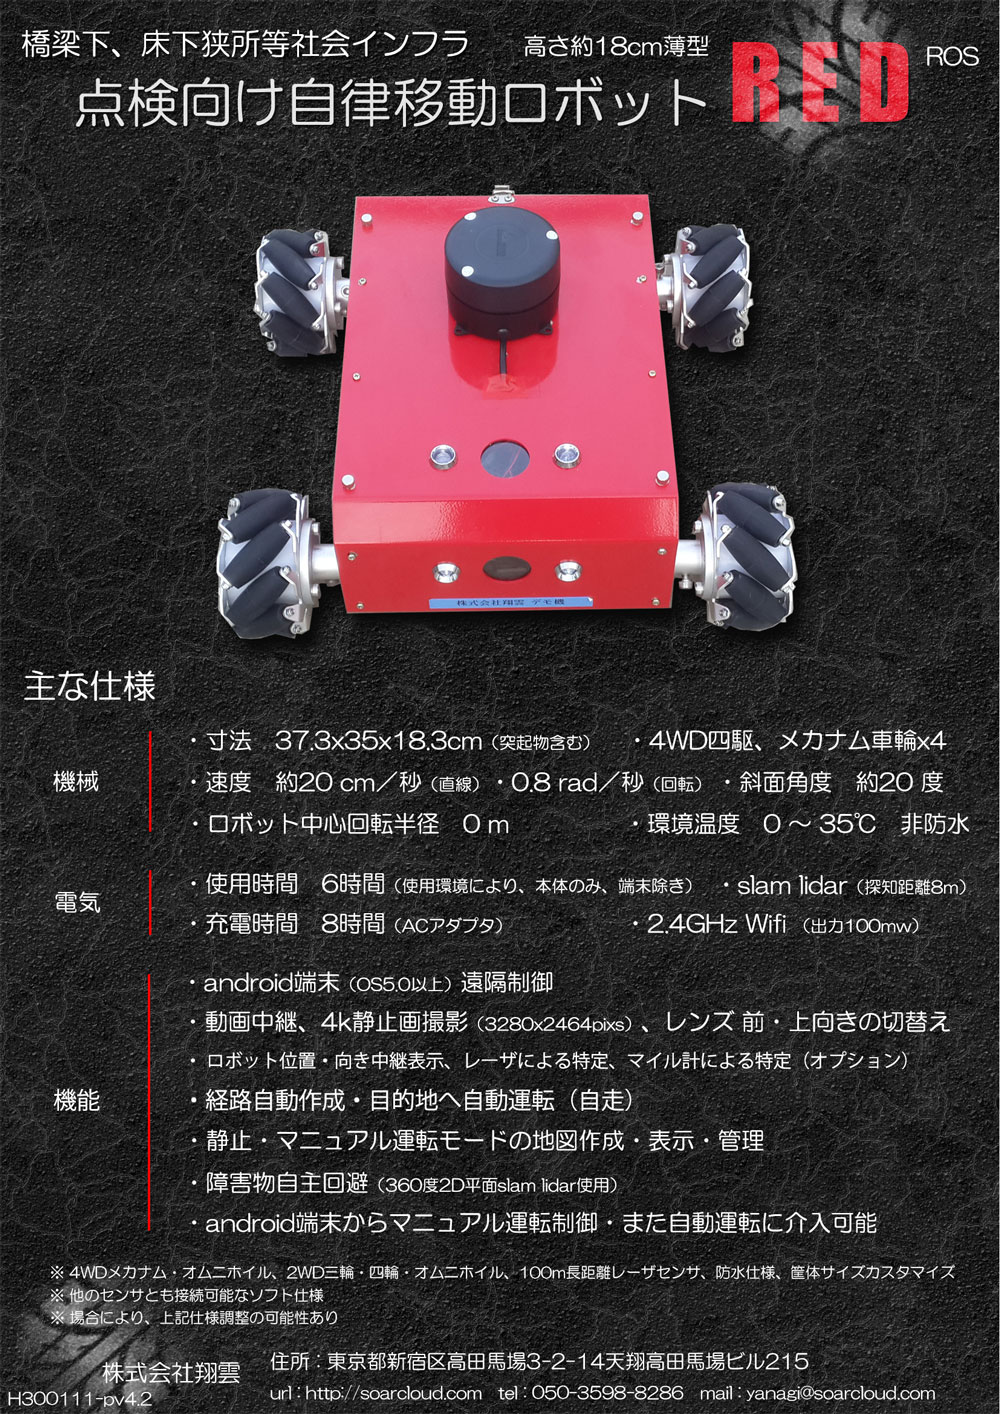 点検向け自律移動(自走式)小型・薄型ロボットRED